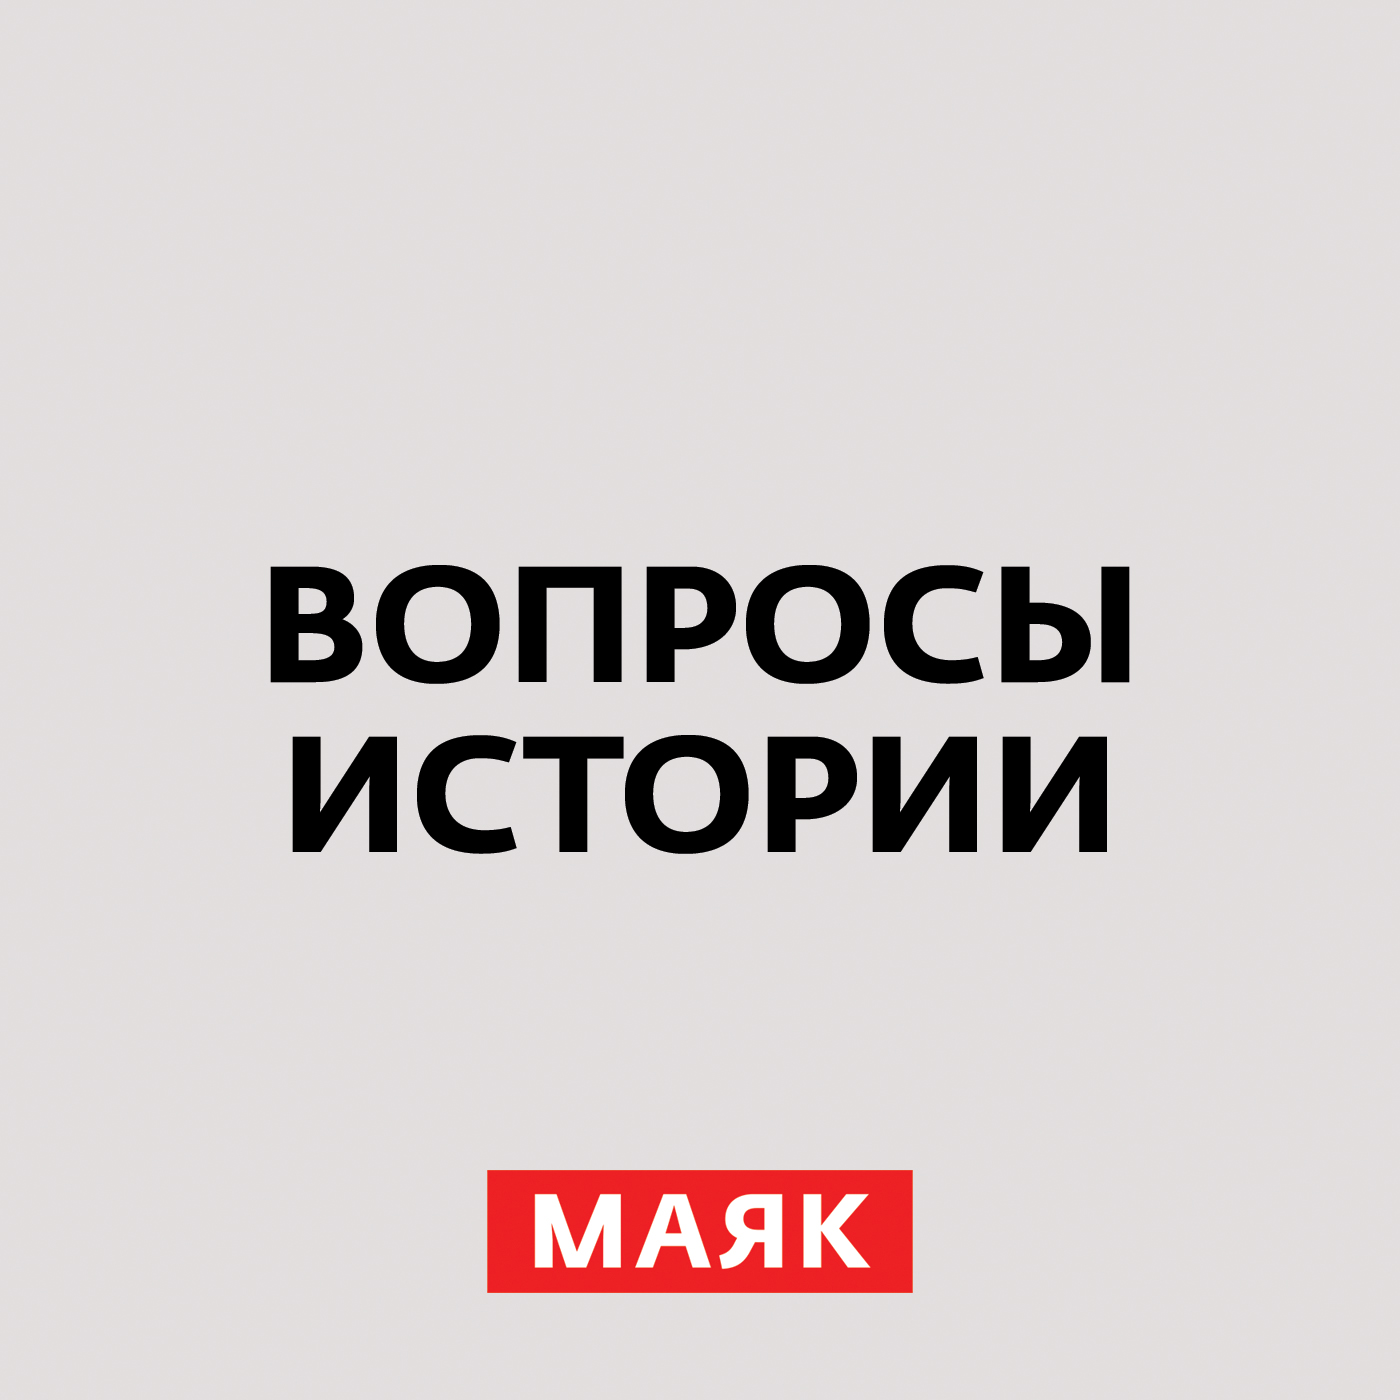 Андрей Светенко Расширять программу зимней Олимпиады дальше некуда. Часть 3 андрей светенко речь сталина 3 июля почему каждый абзац вызывает недовольство часть 3